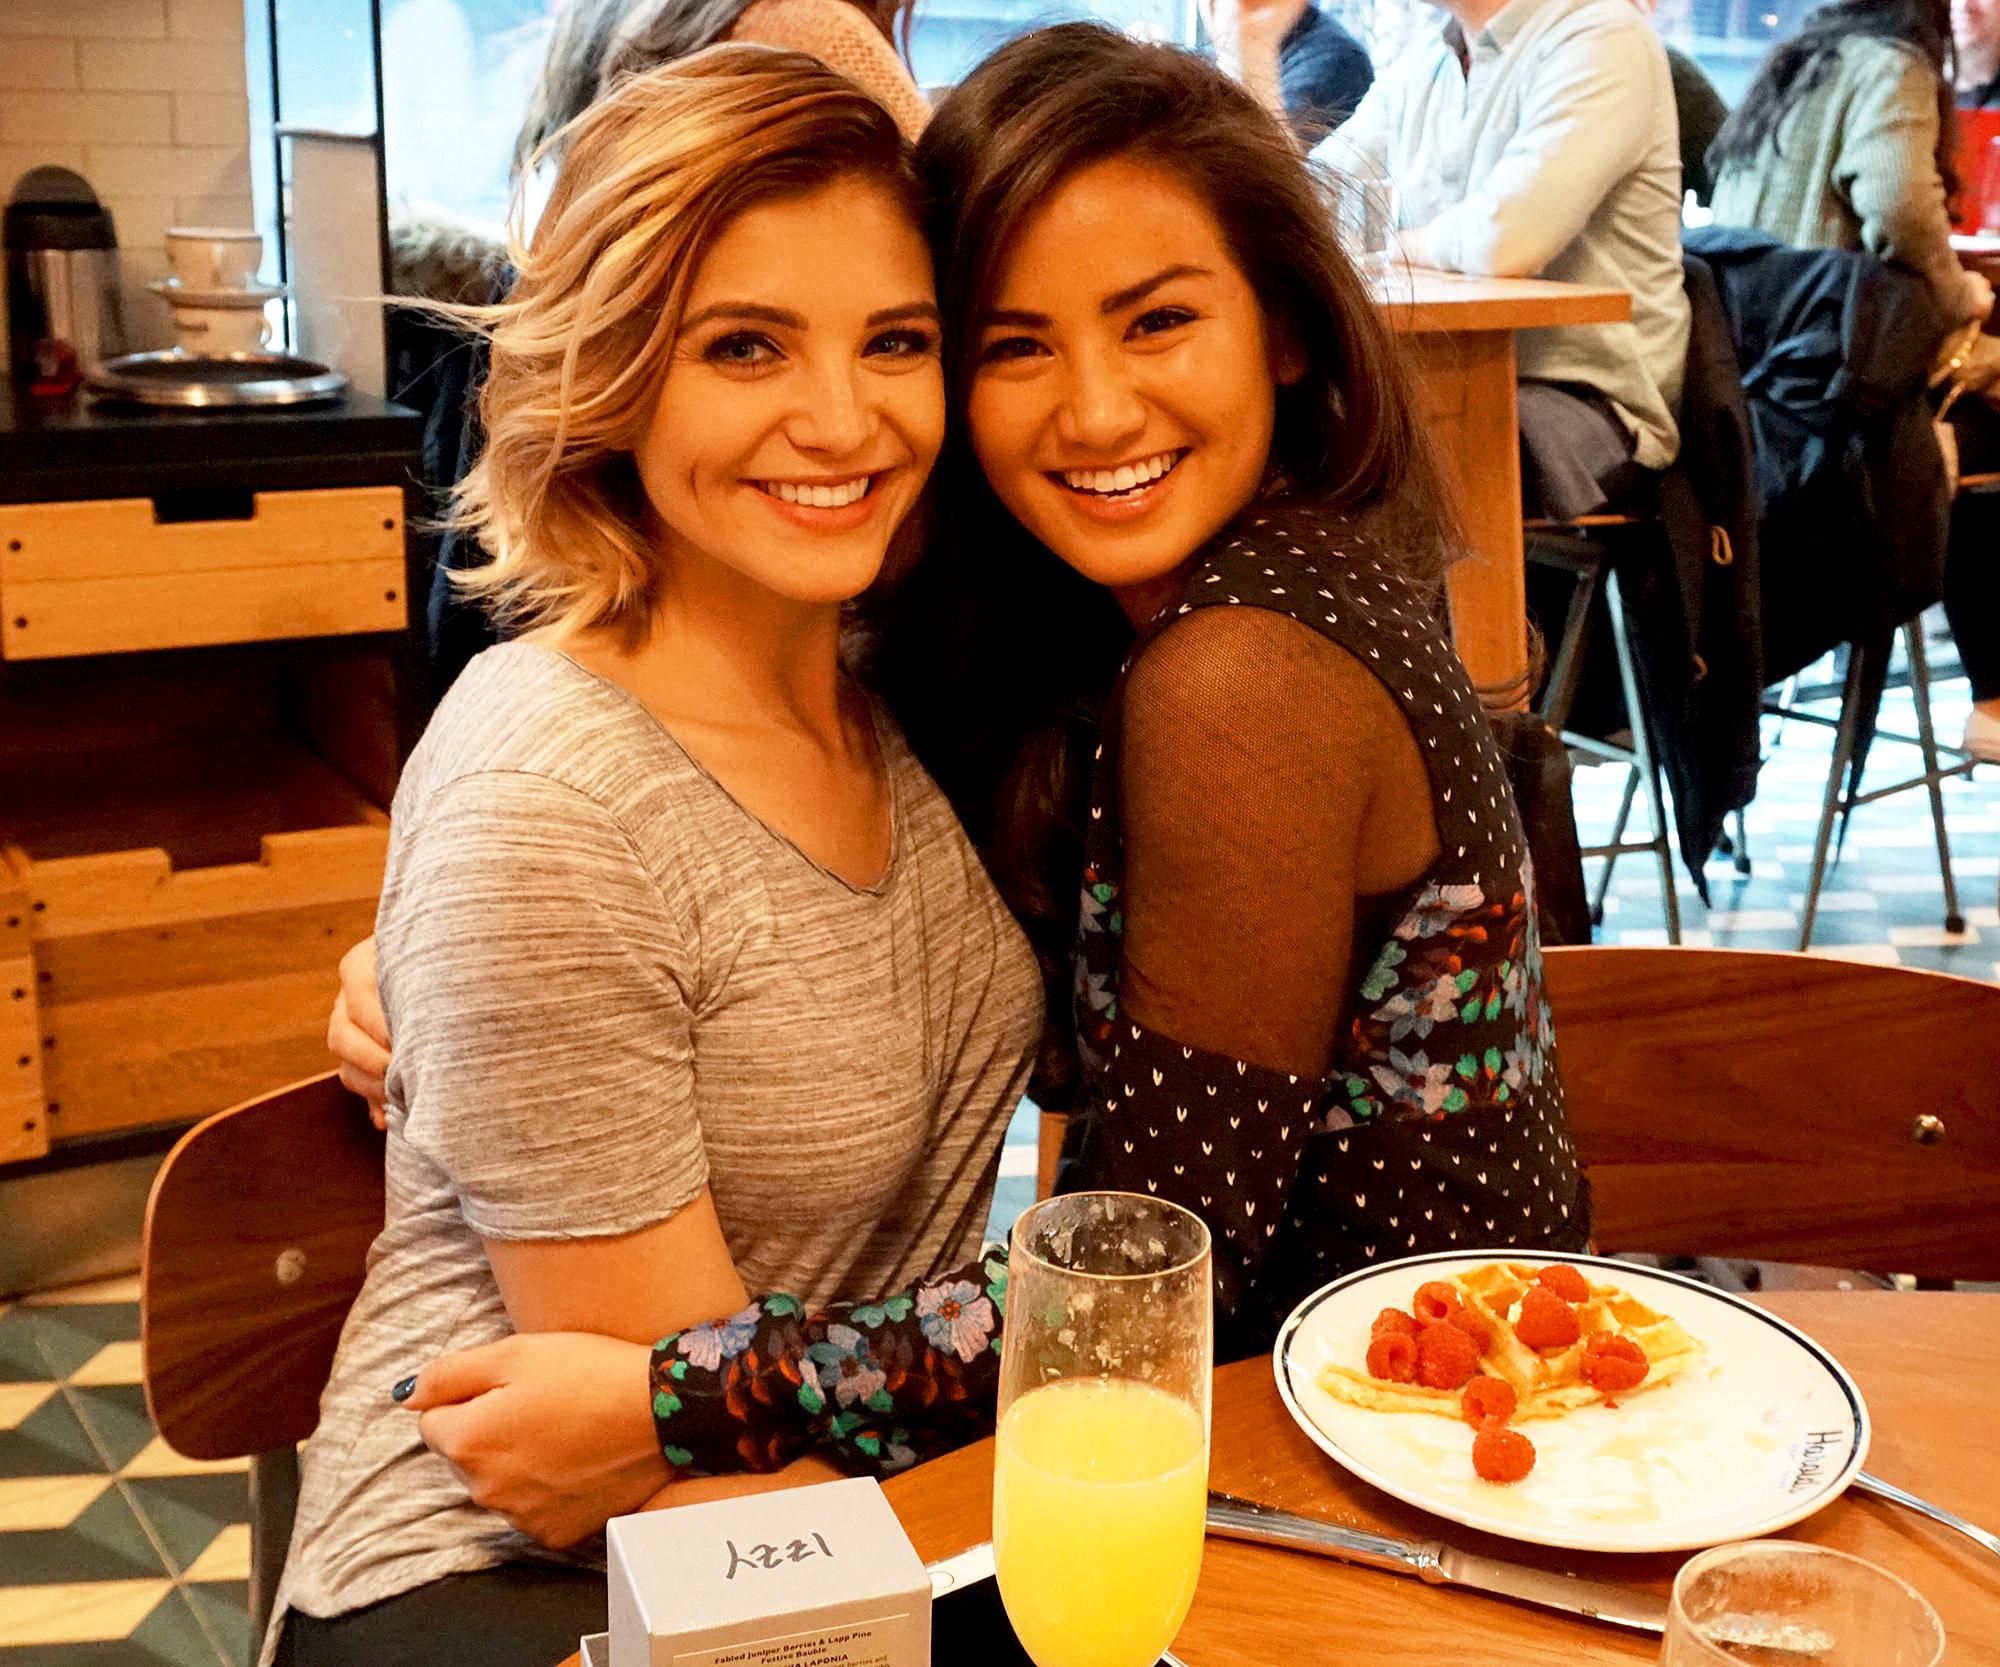 Olivia Caridi and Caila Quinn